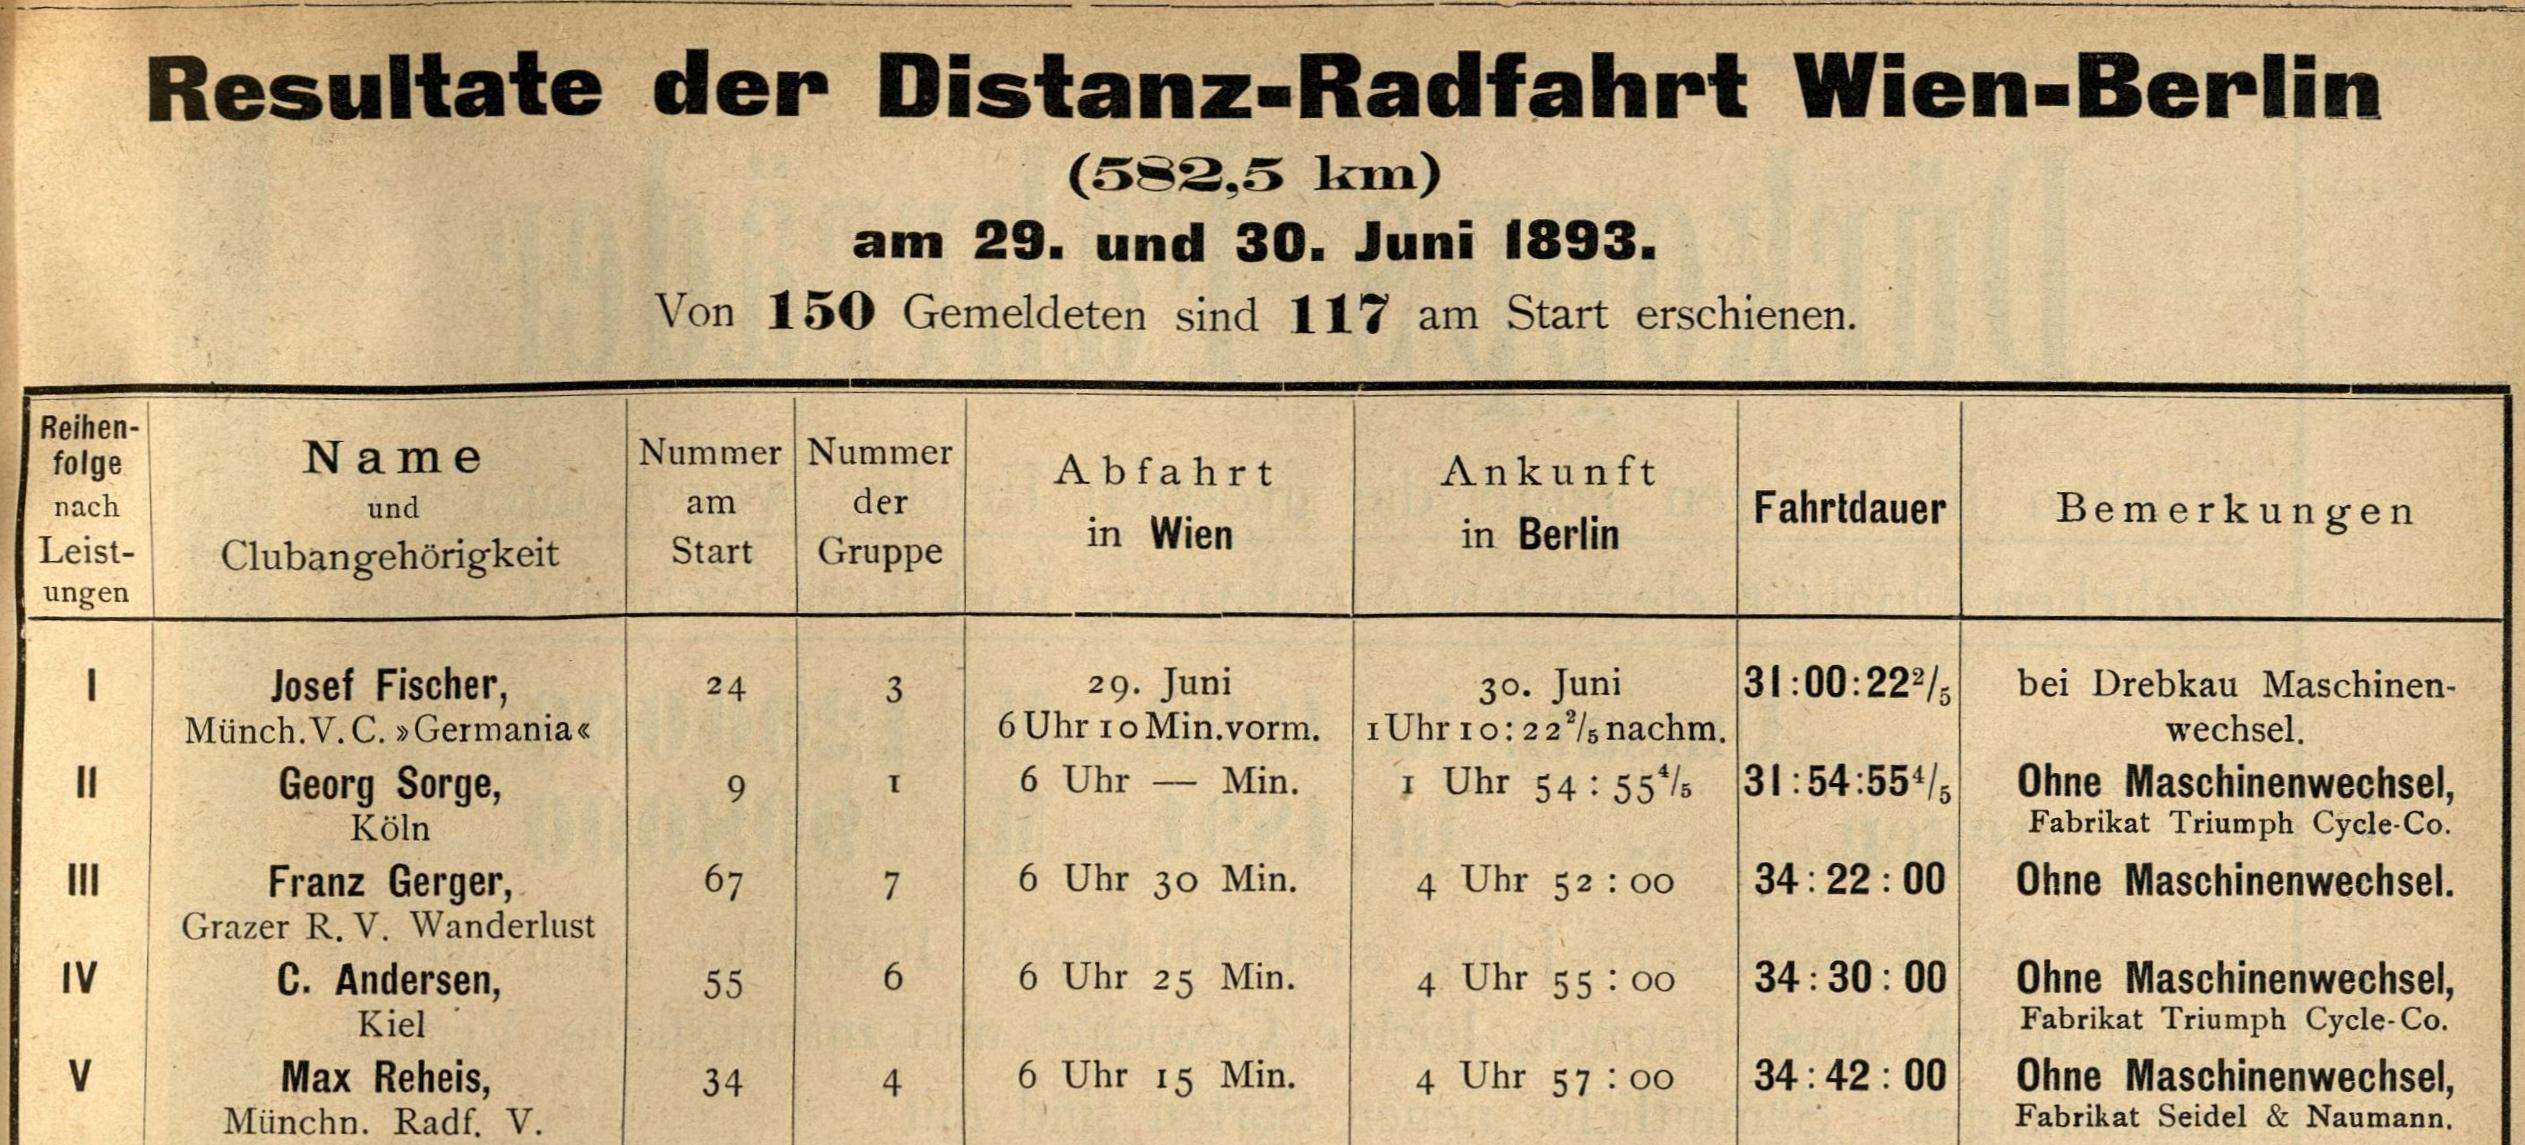 Resultate der Distanz-Radfahrt Wien-Berlin